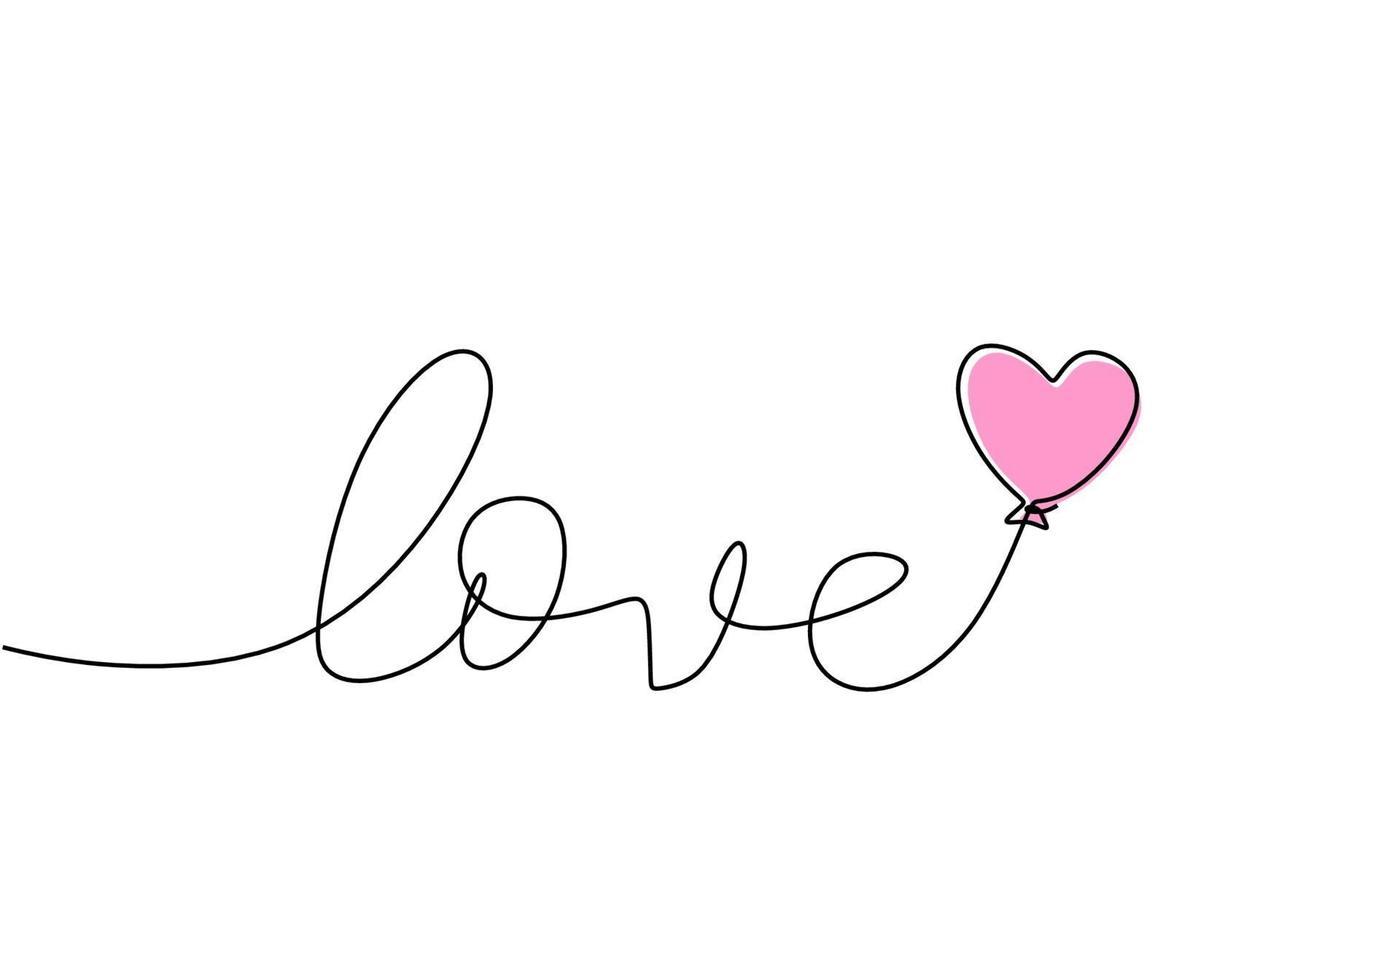 Liebe handgeschrieben eine Zeile mit rosa Ballon. Umriss schwarzer Text auf weißem Hintergrund. einzeilige Beschriftung im Kalligraphiestil. vektor